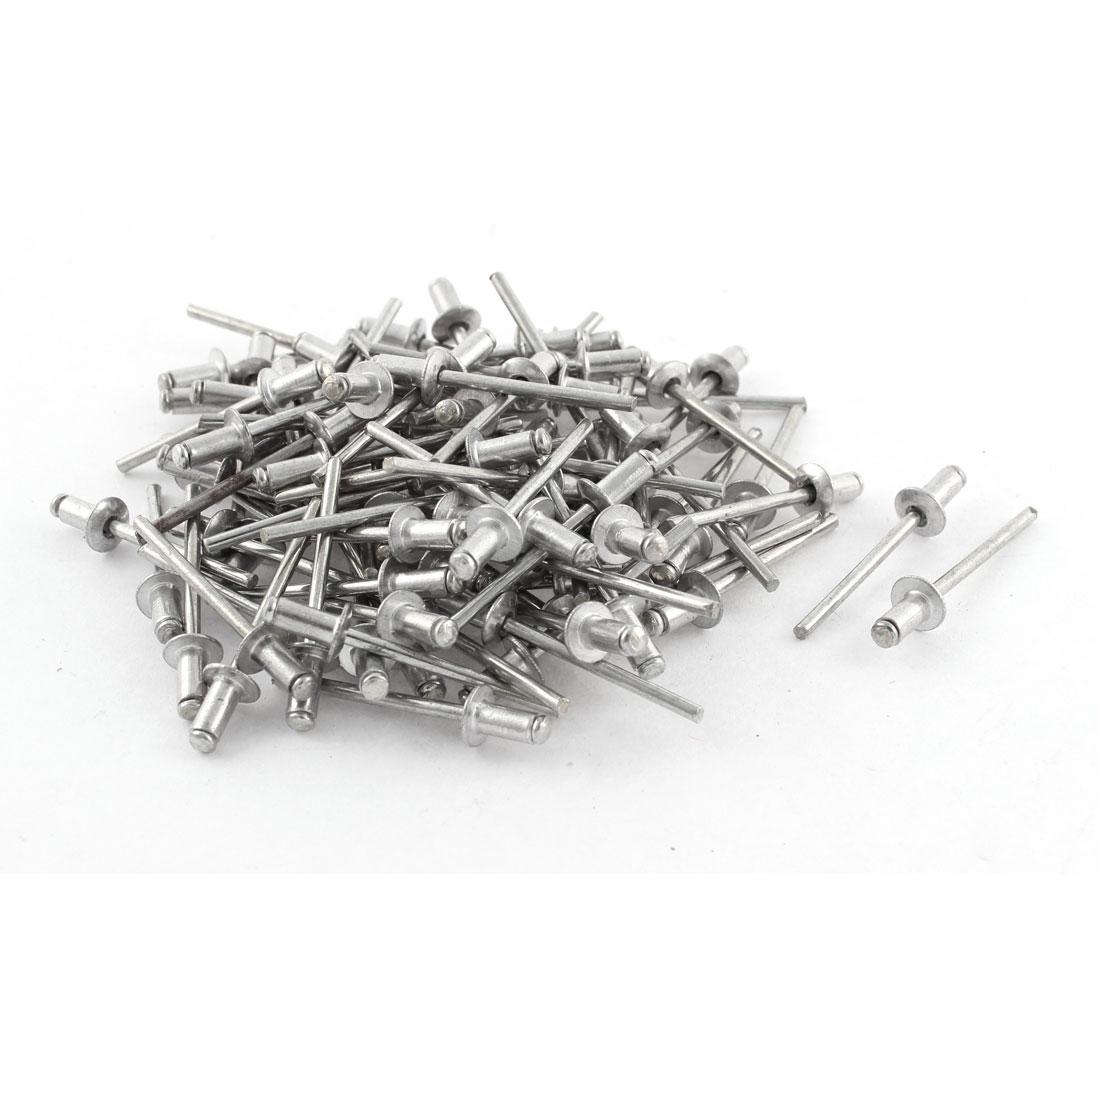 2mm Tip Diameter Aluminum Mechanical Lock Type Self-plugging Rivets 97 Pcs